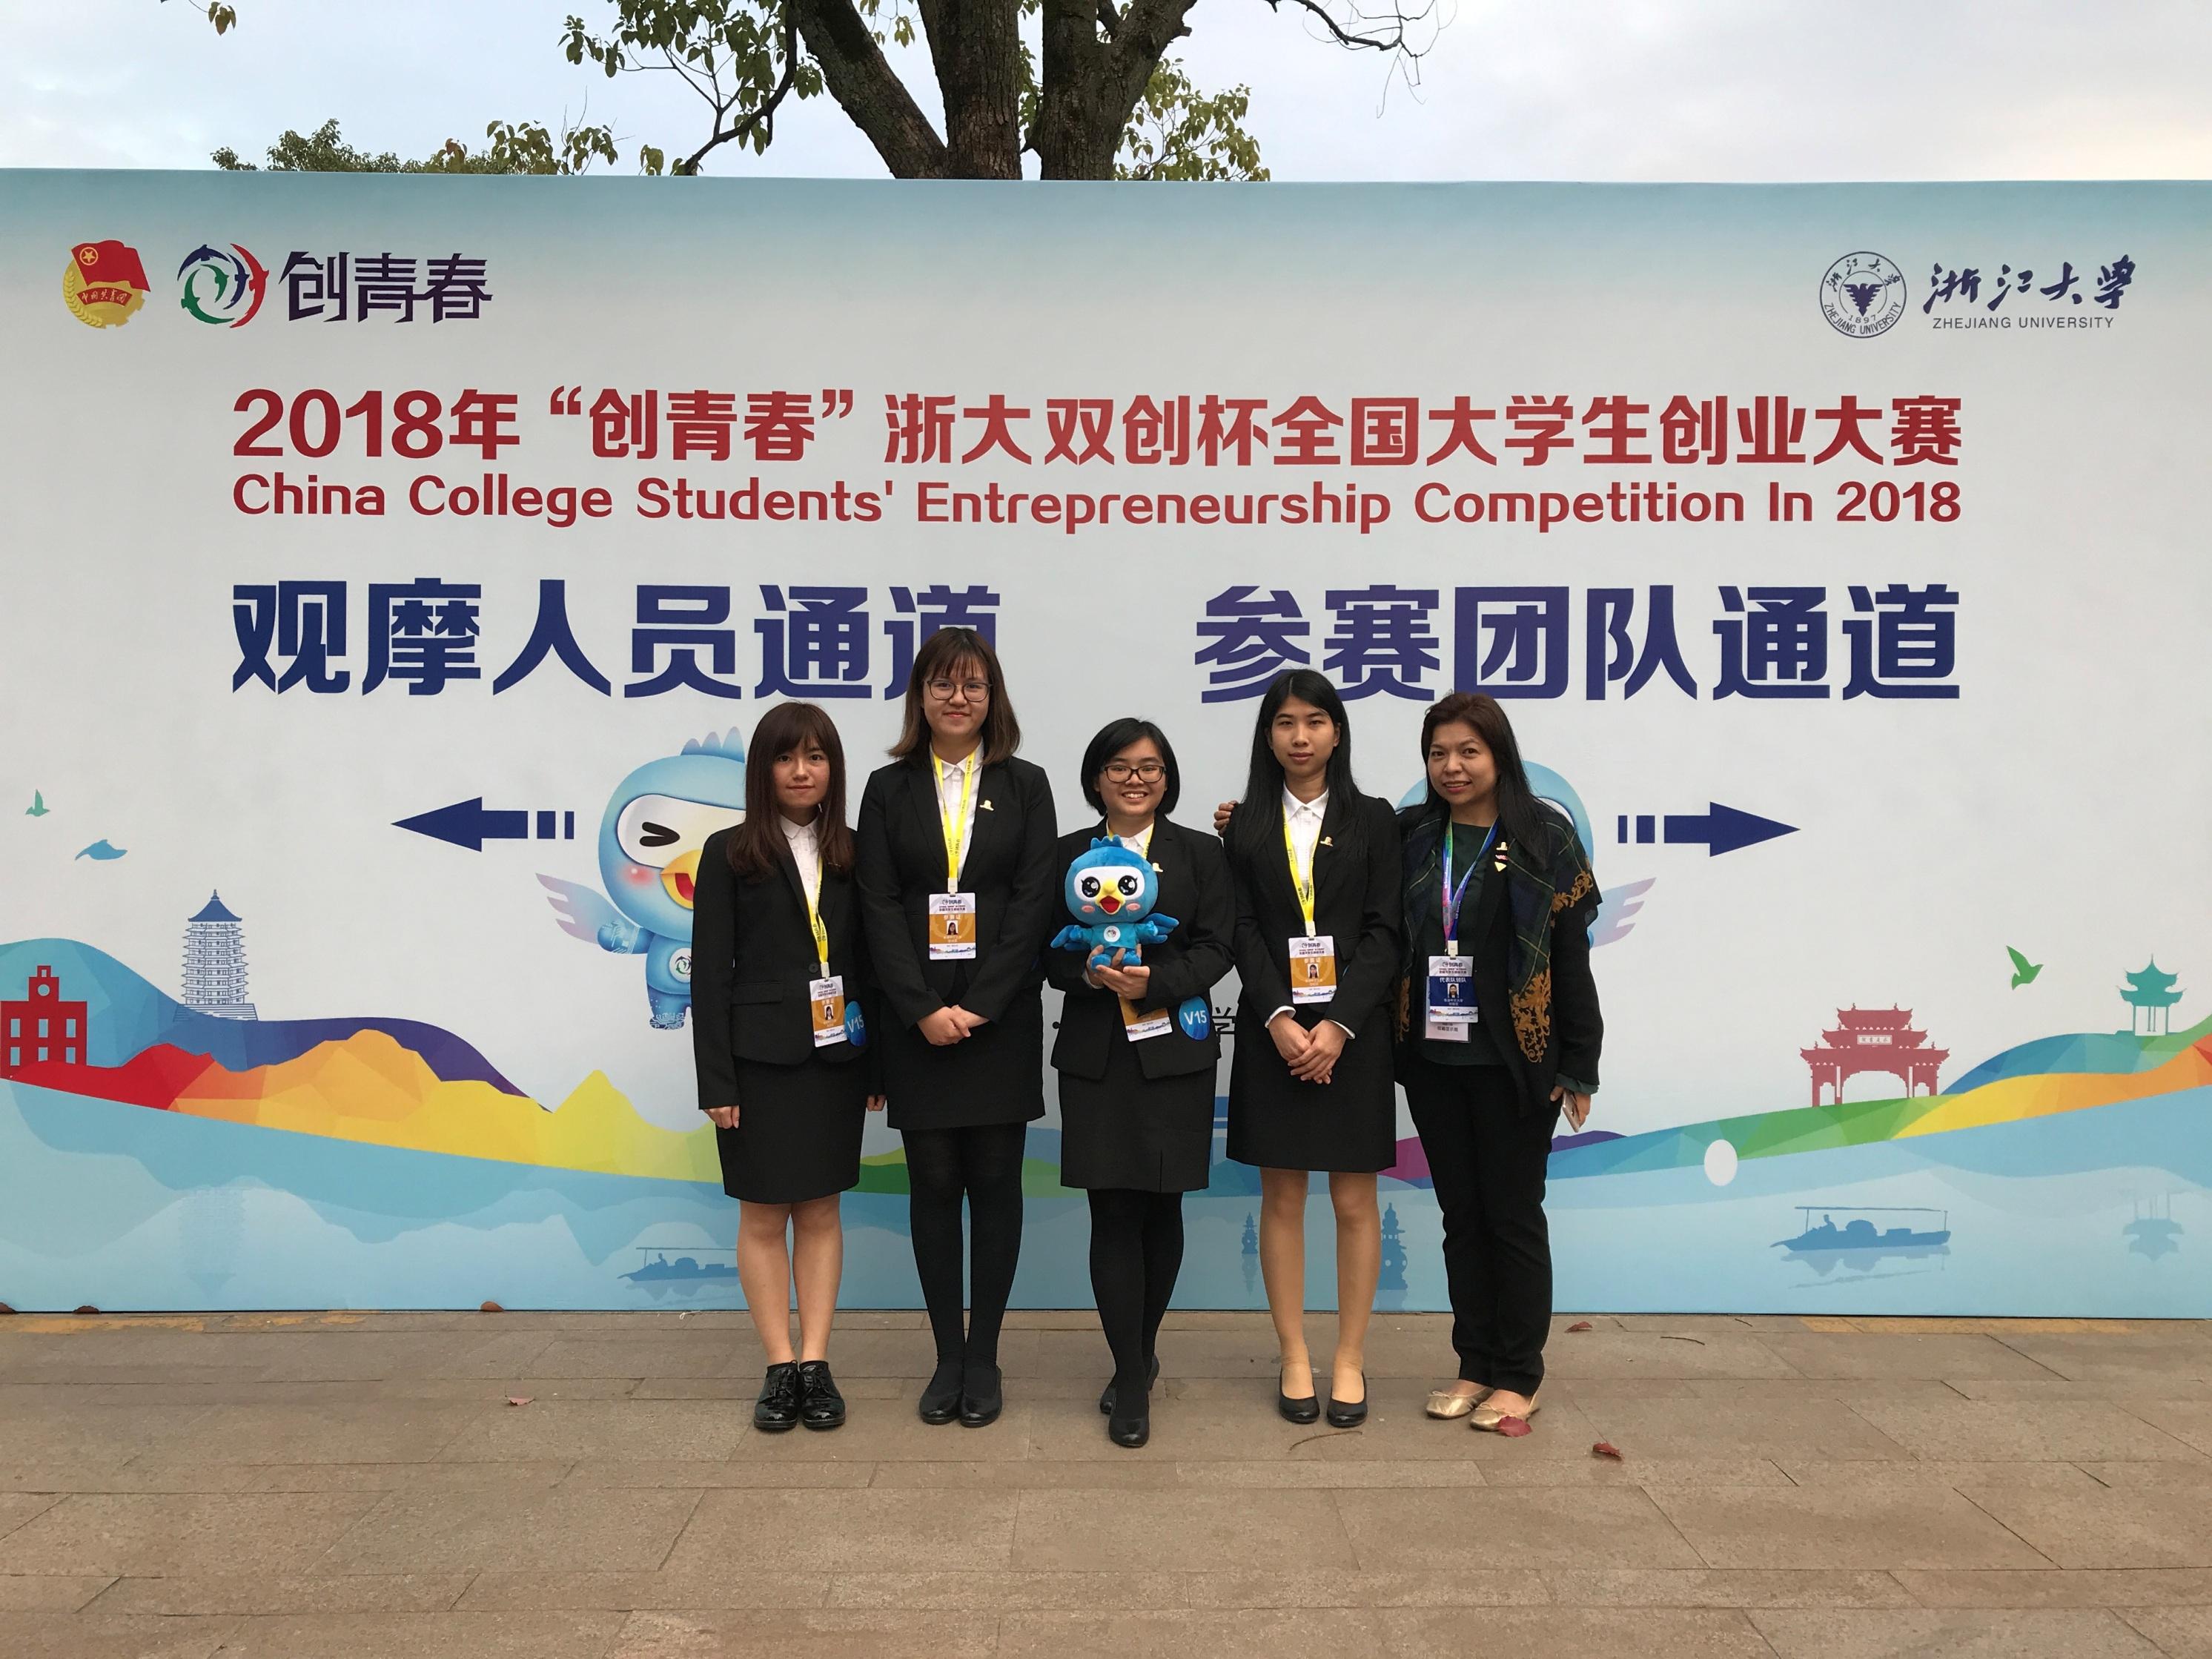 中大「菇創未來:Mushroom-X」團隊前往中國浙江參加「『創青春』全國大學生創業大賽」。